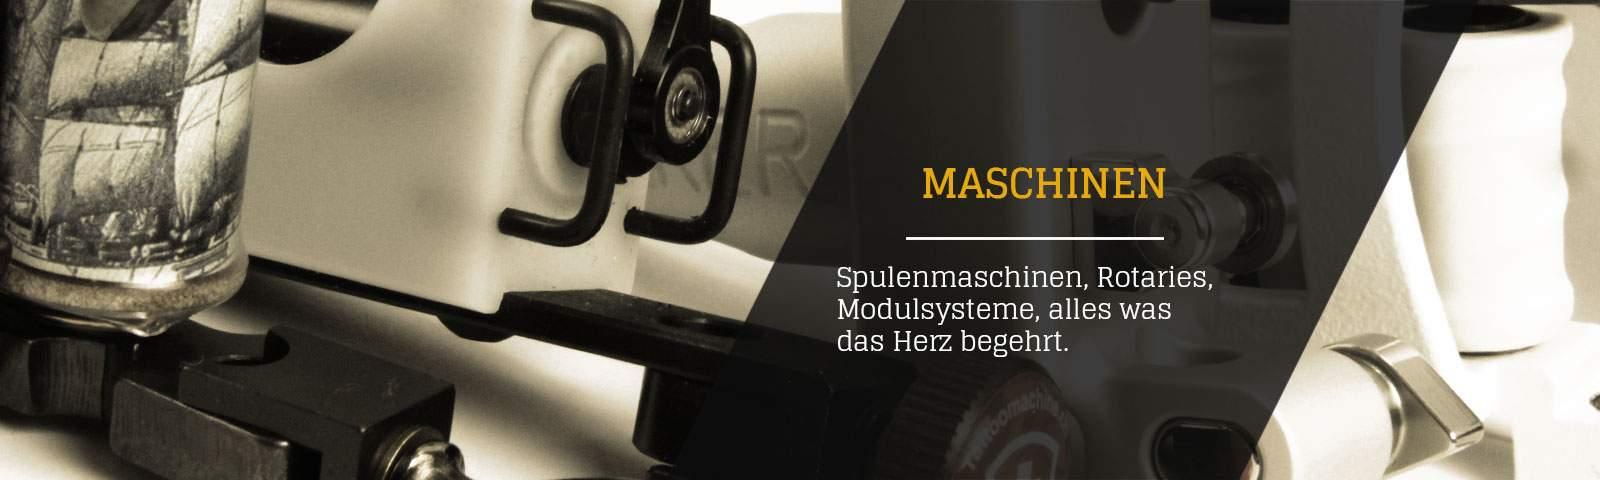 Maschinen